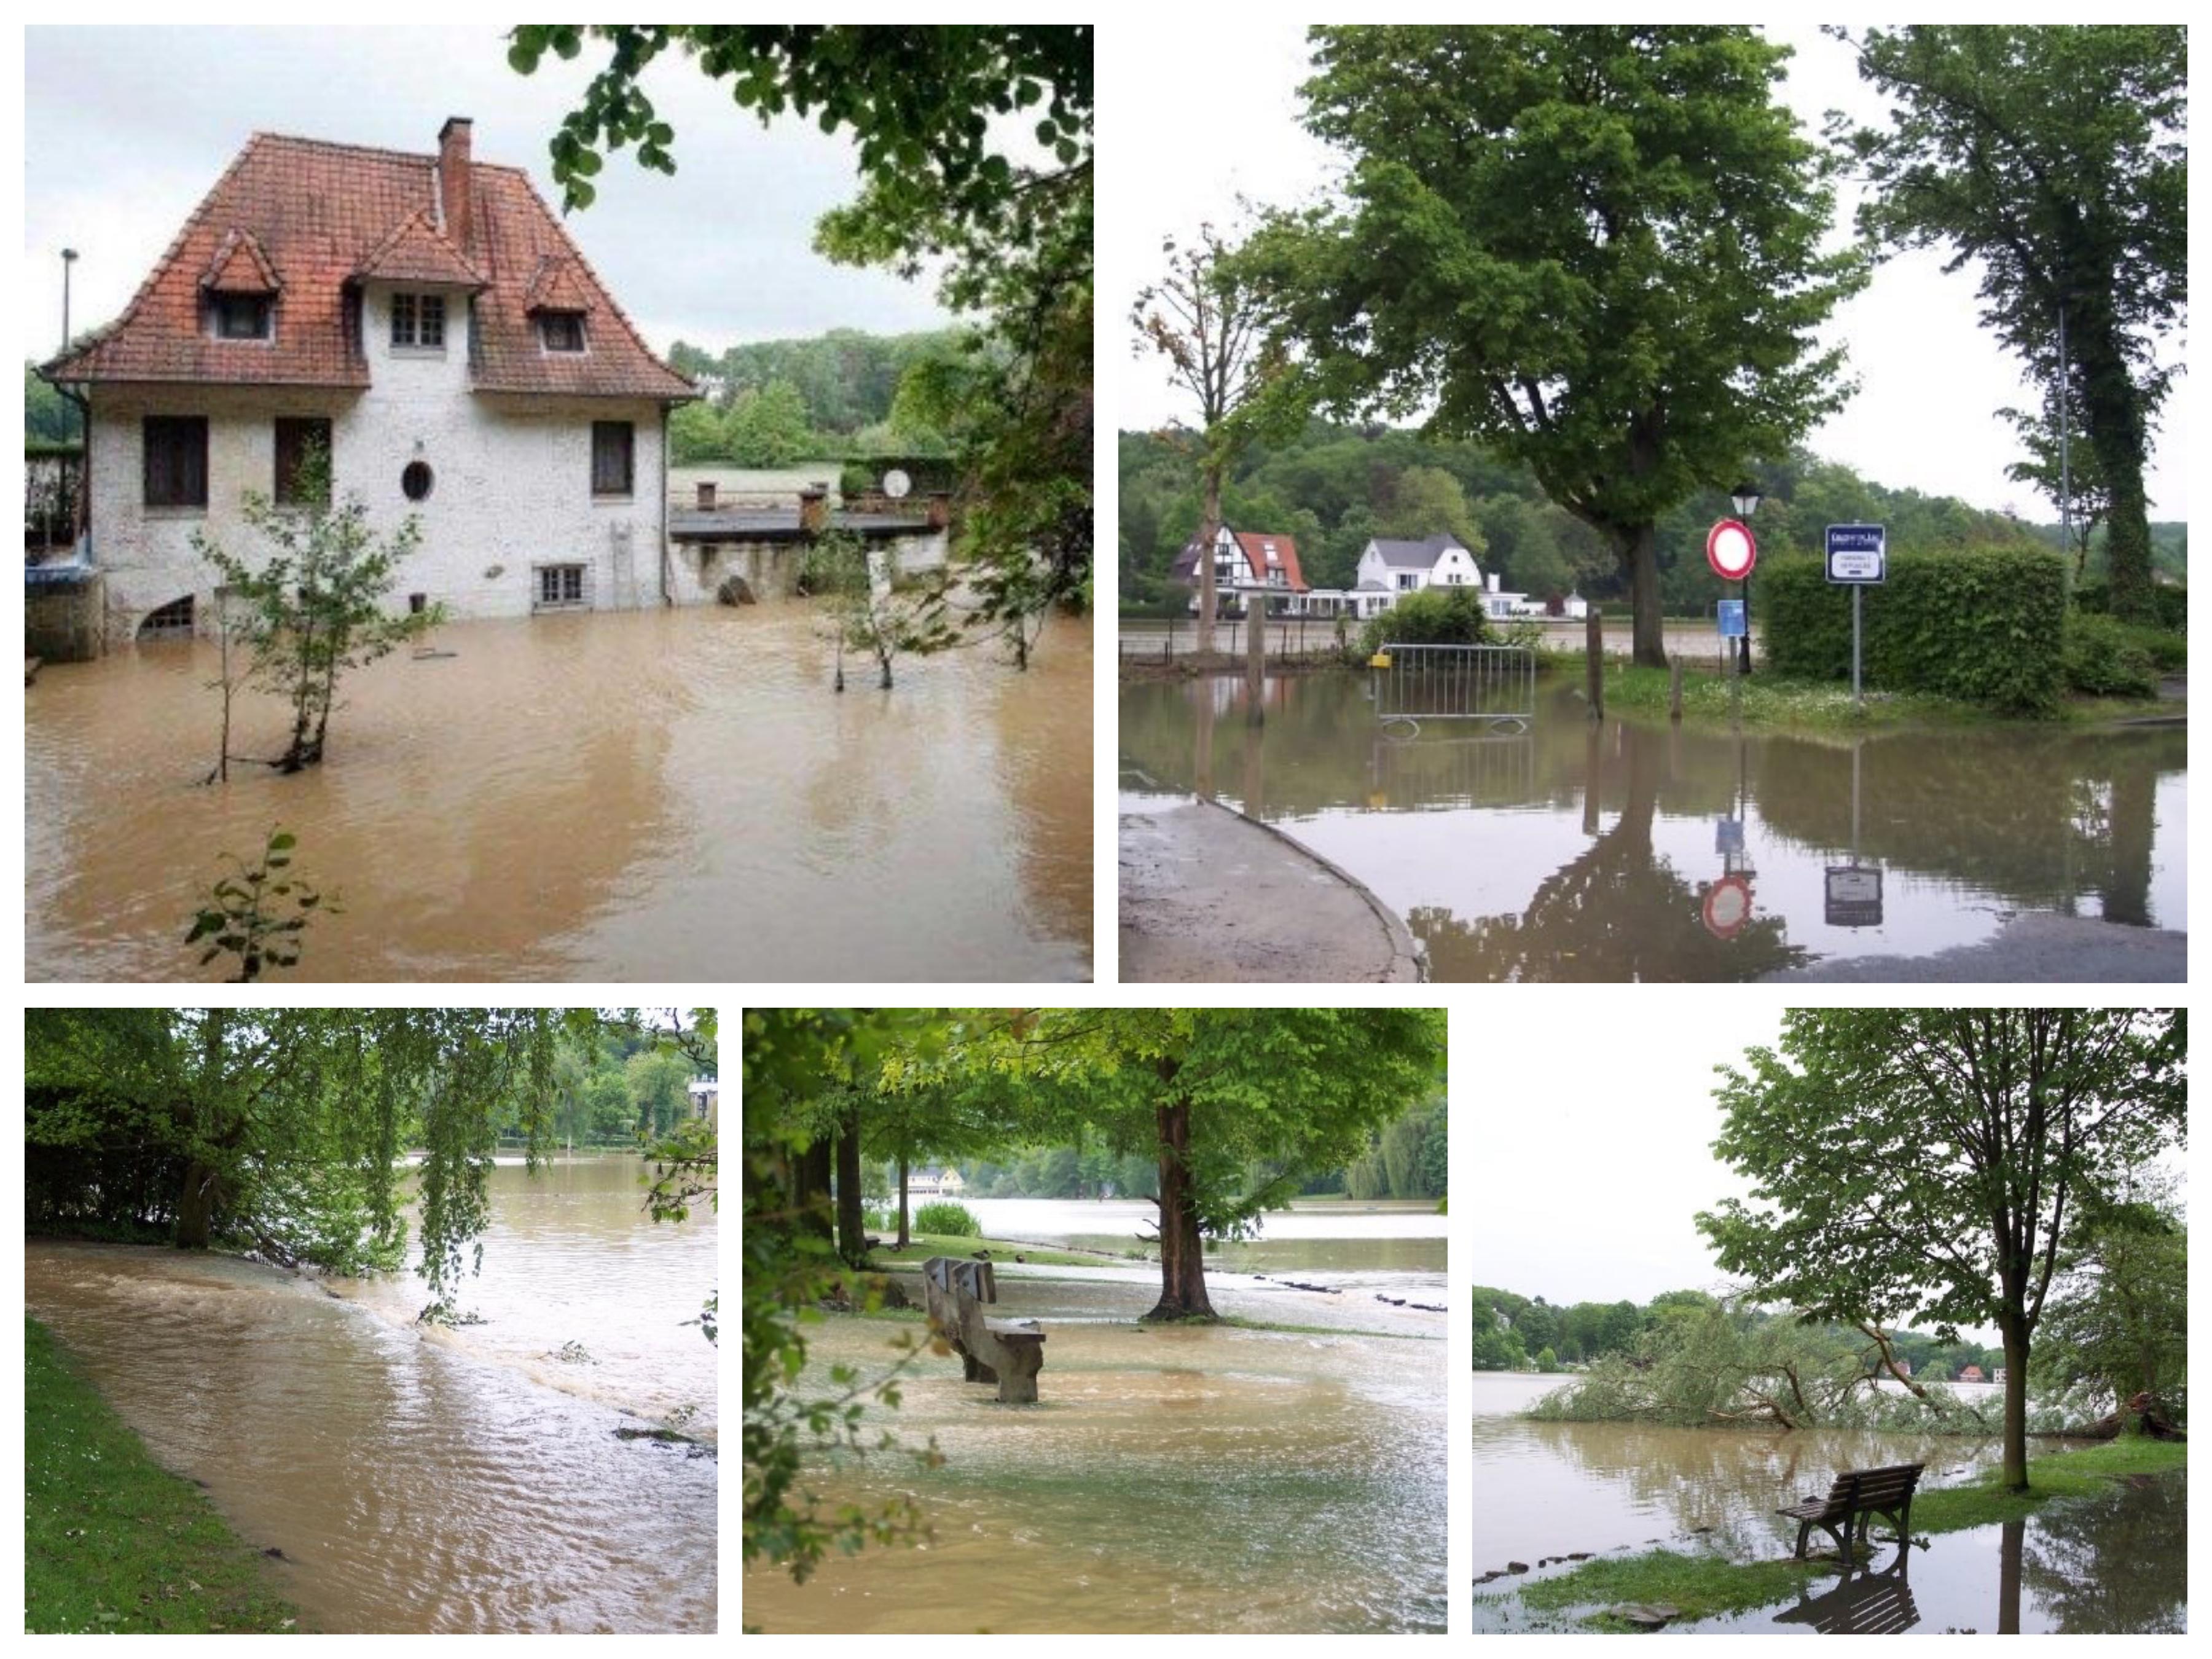 Inondations lac de Genval 15.5.2009 montage © Julien Vanderweerden